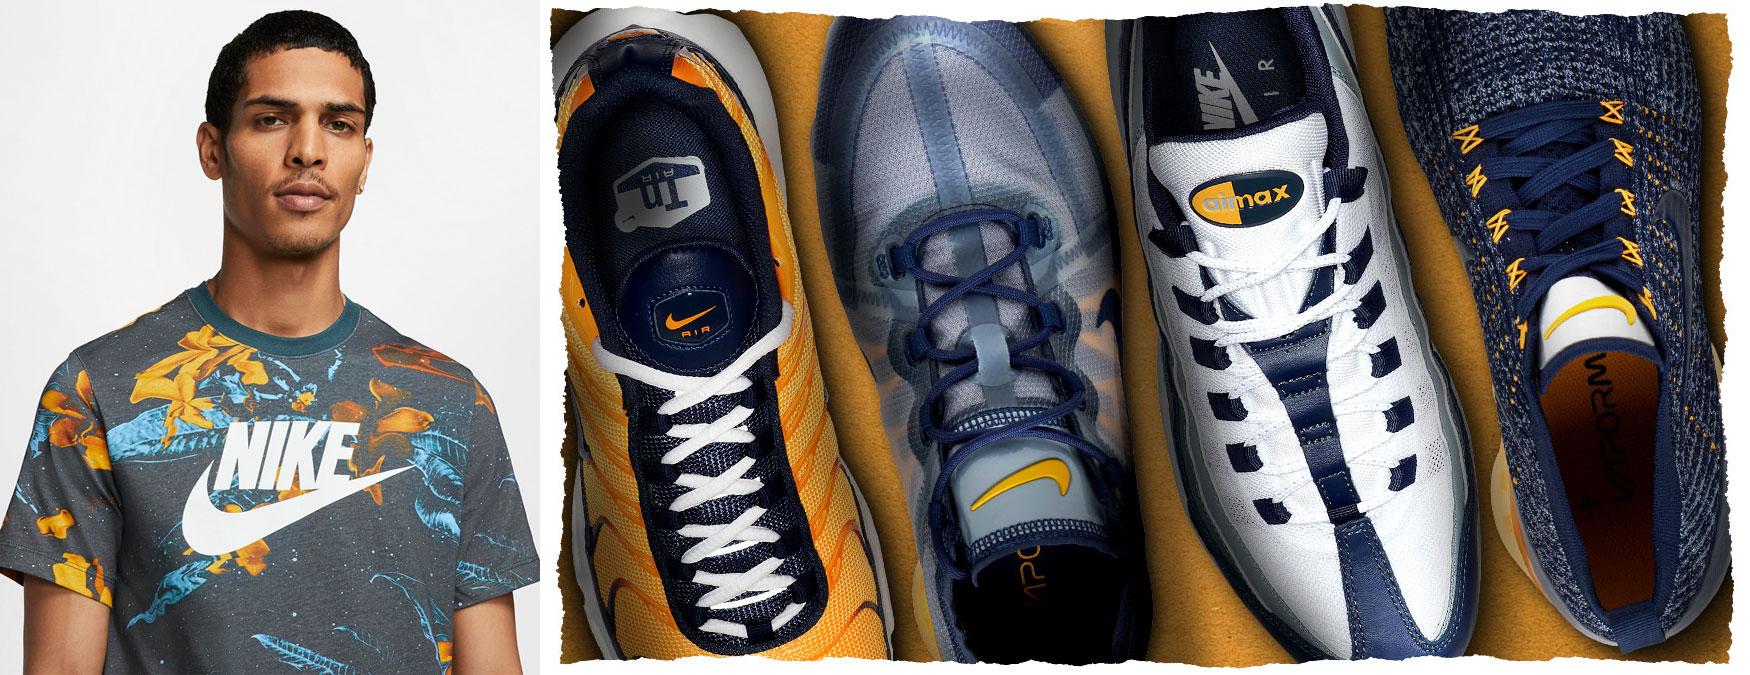 nike-air-max-laser-orange-shirts-shoes